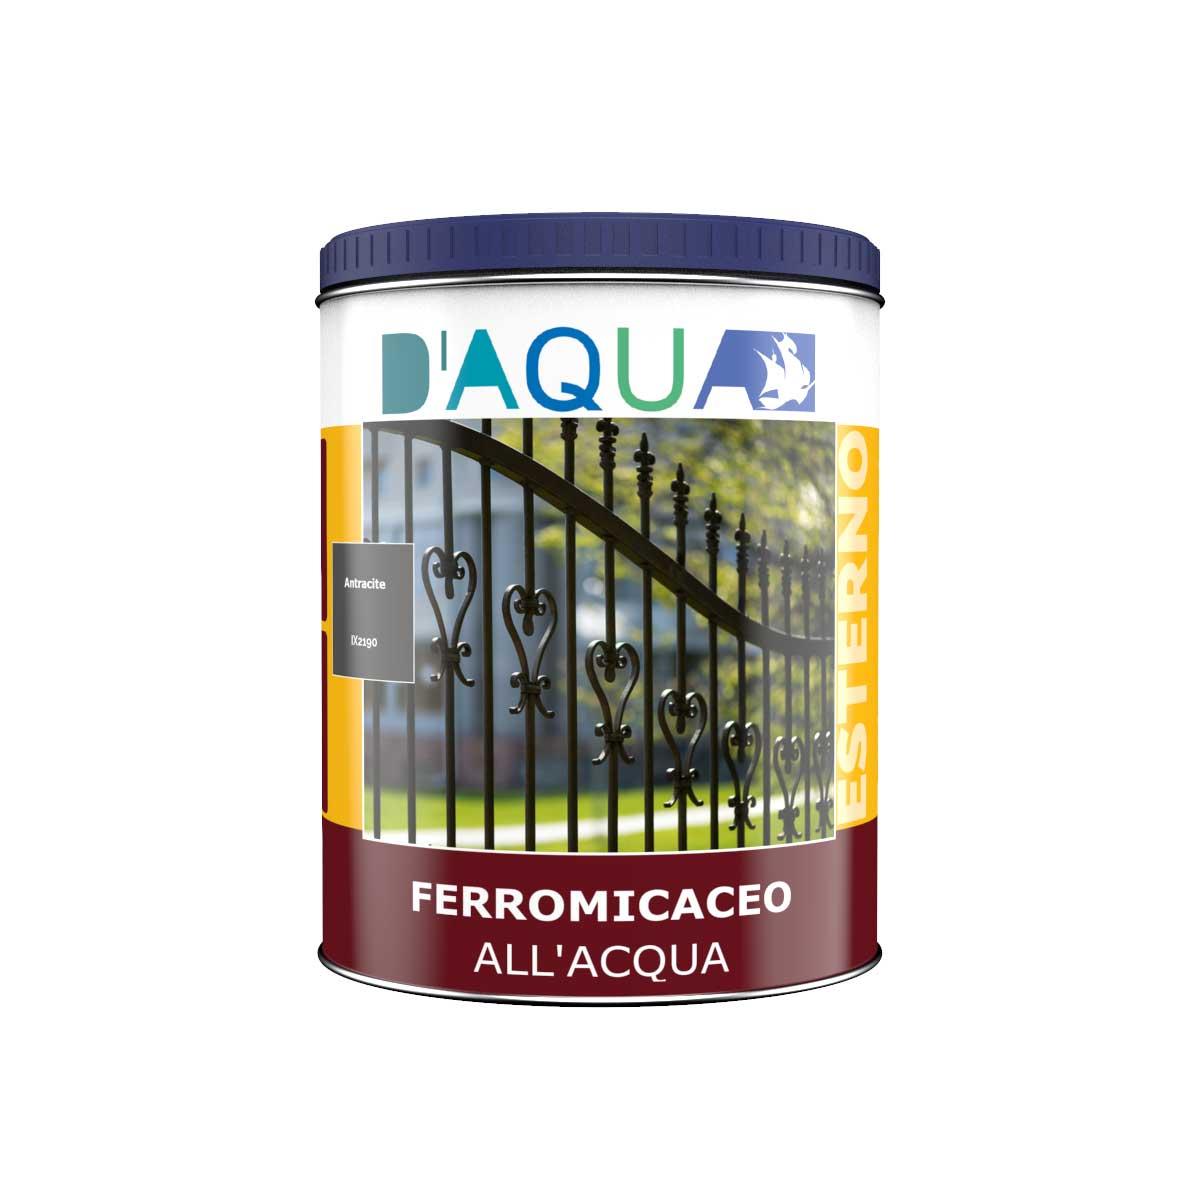 finitura all'acqua ferromicacea serie IX2190 D'AQUA